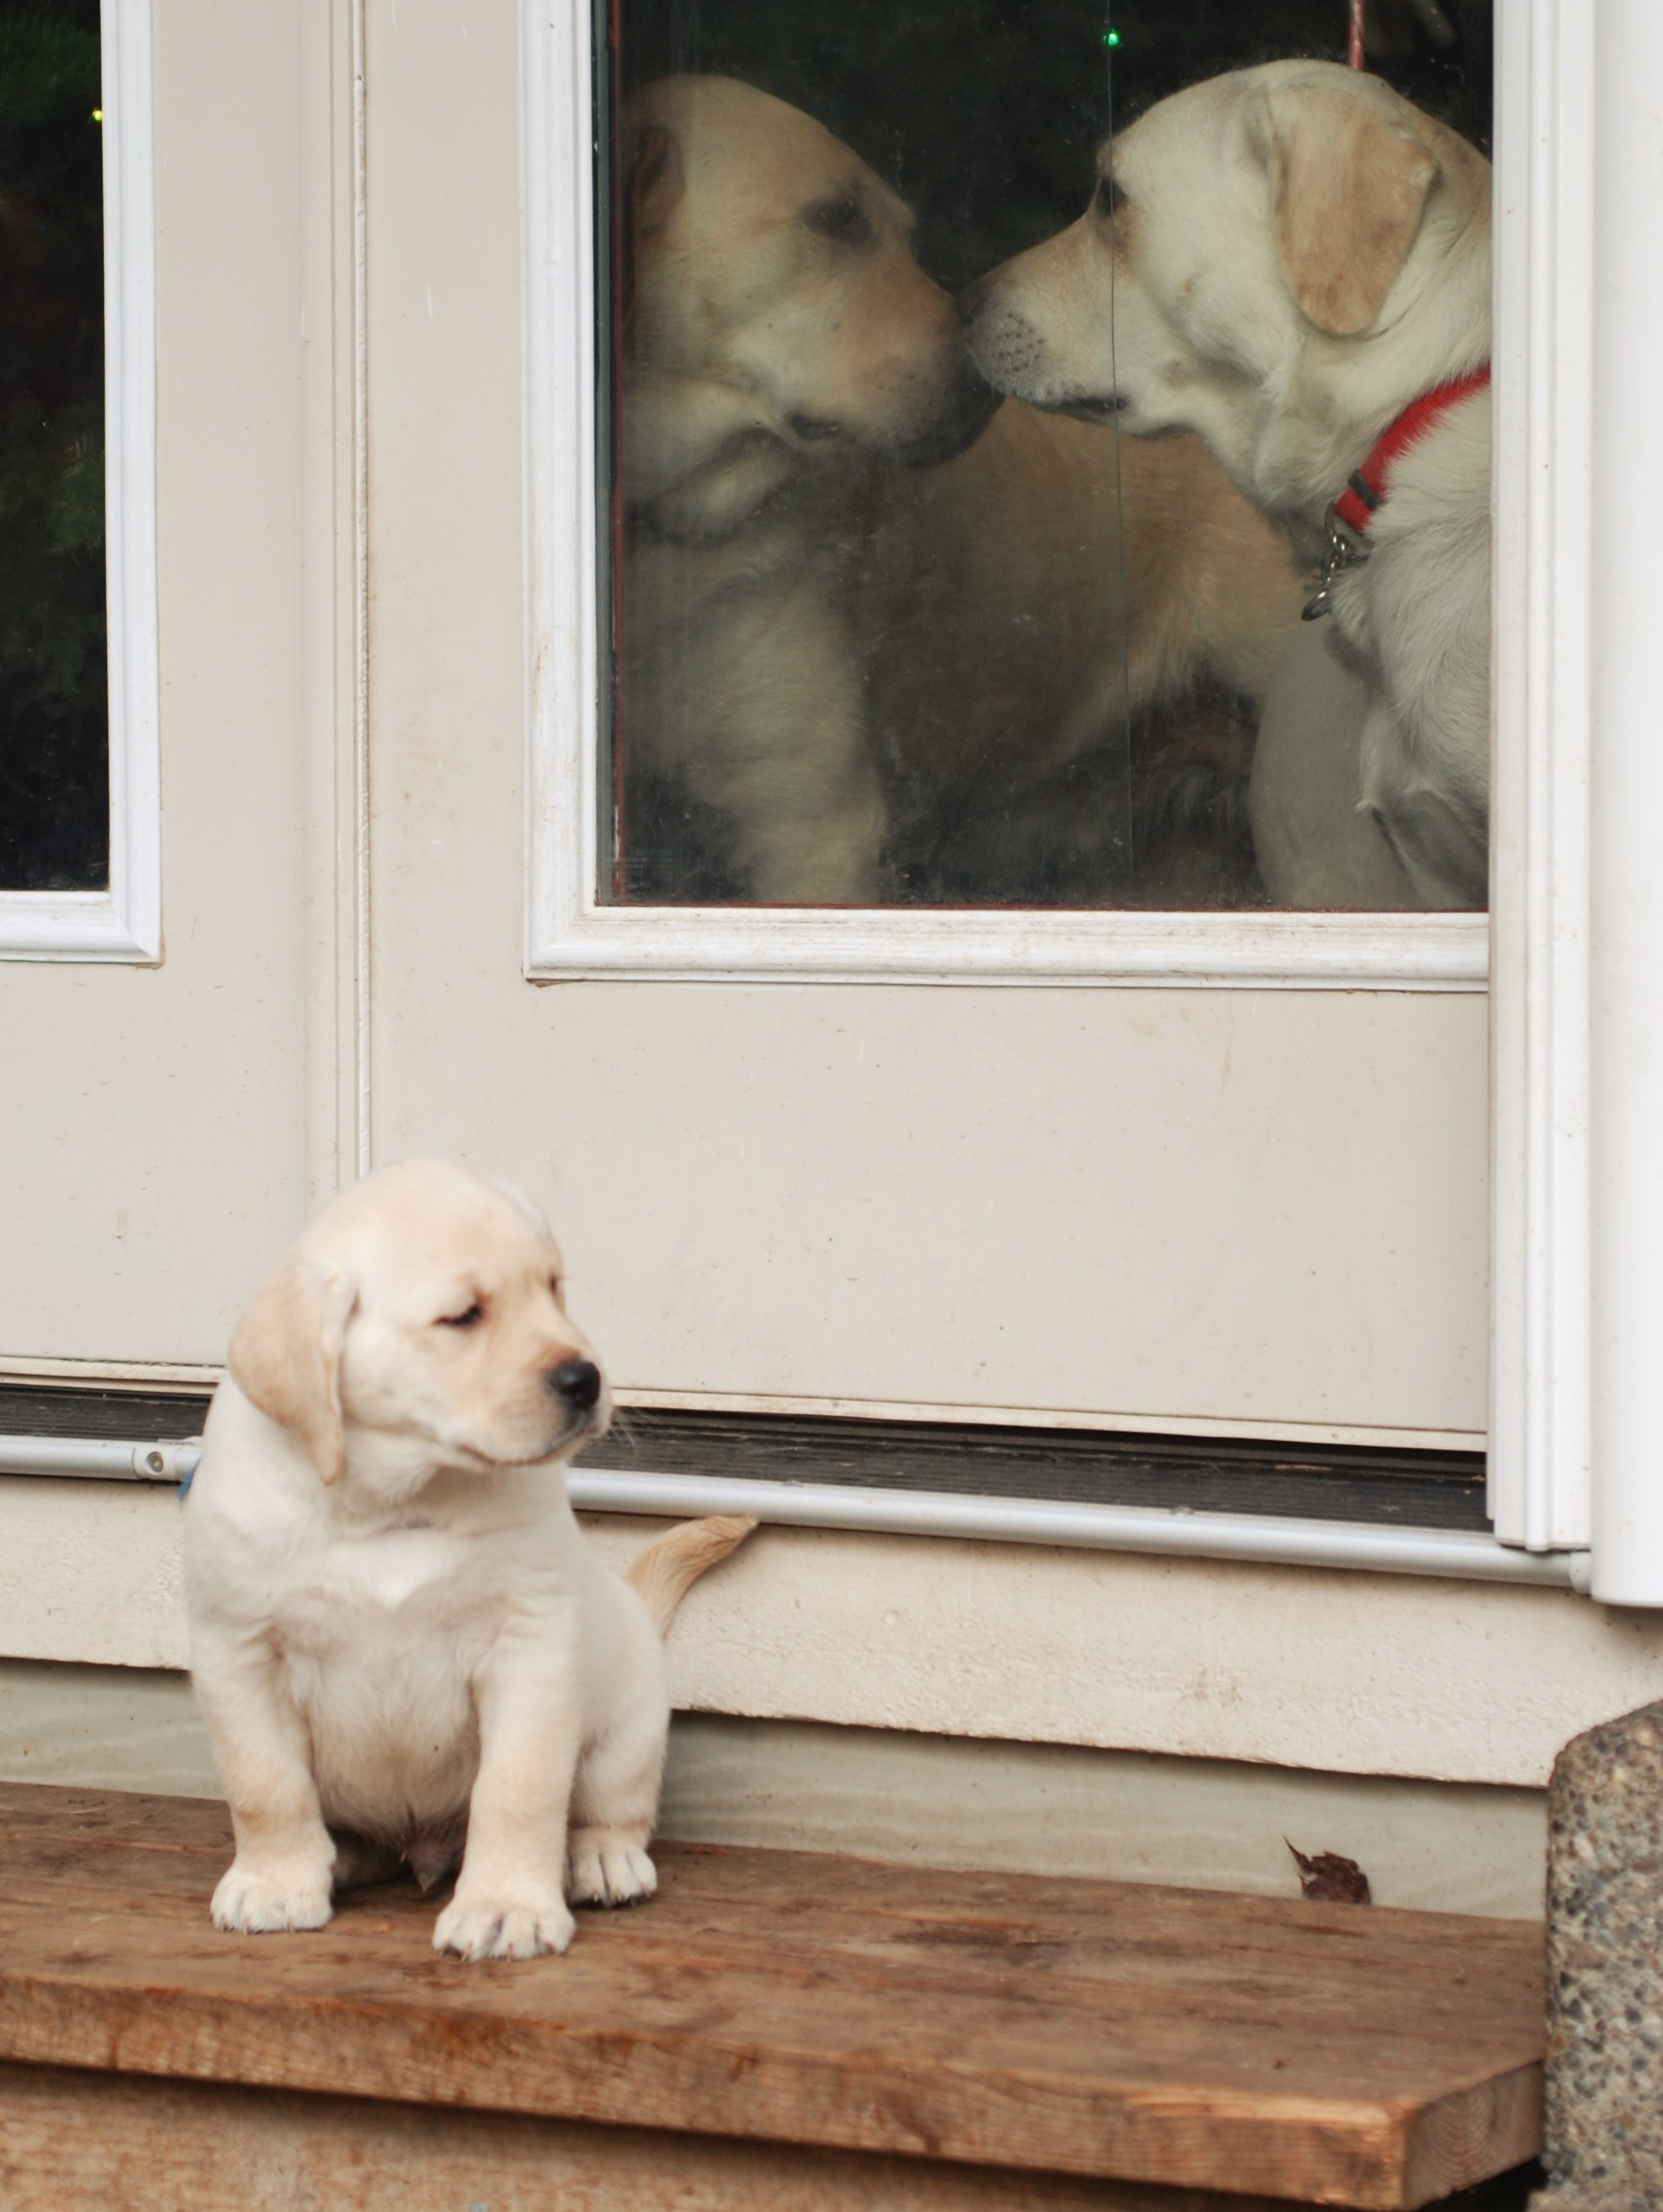 https://0201.nccdn.net/1_2/000/000/0b0/380/Puppies-12-19-10-095-2207x2936.jpg